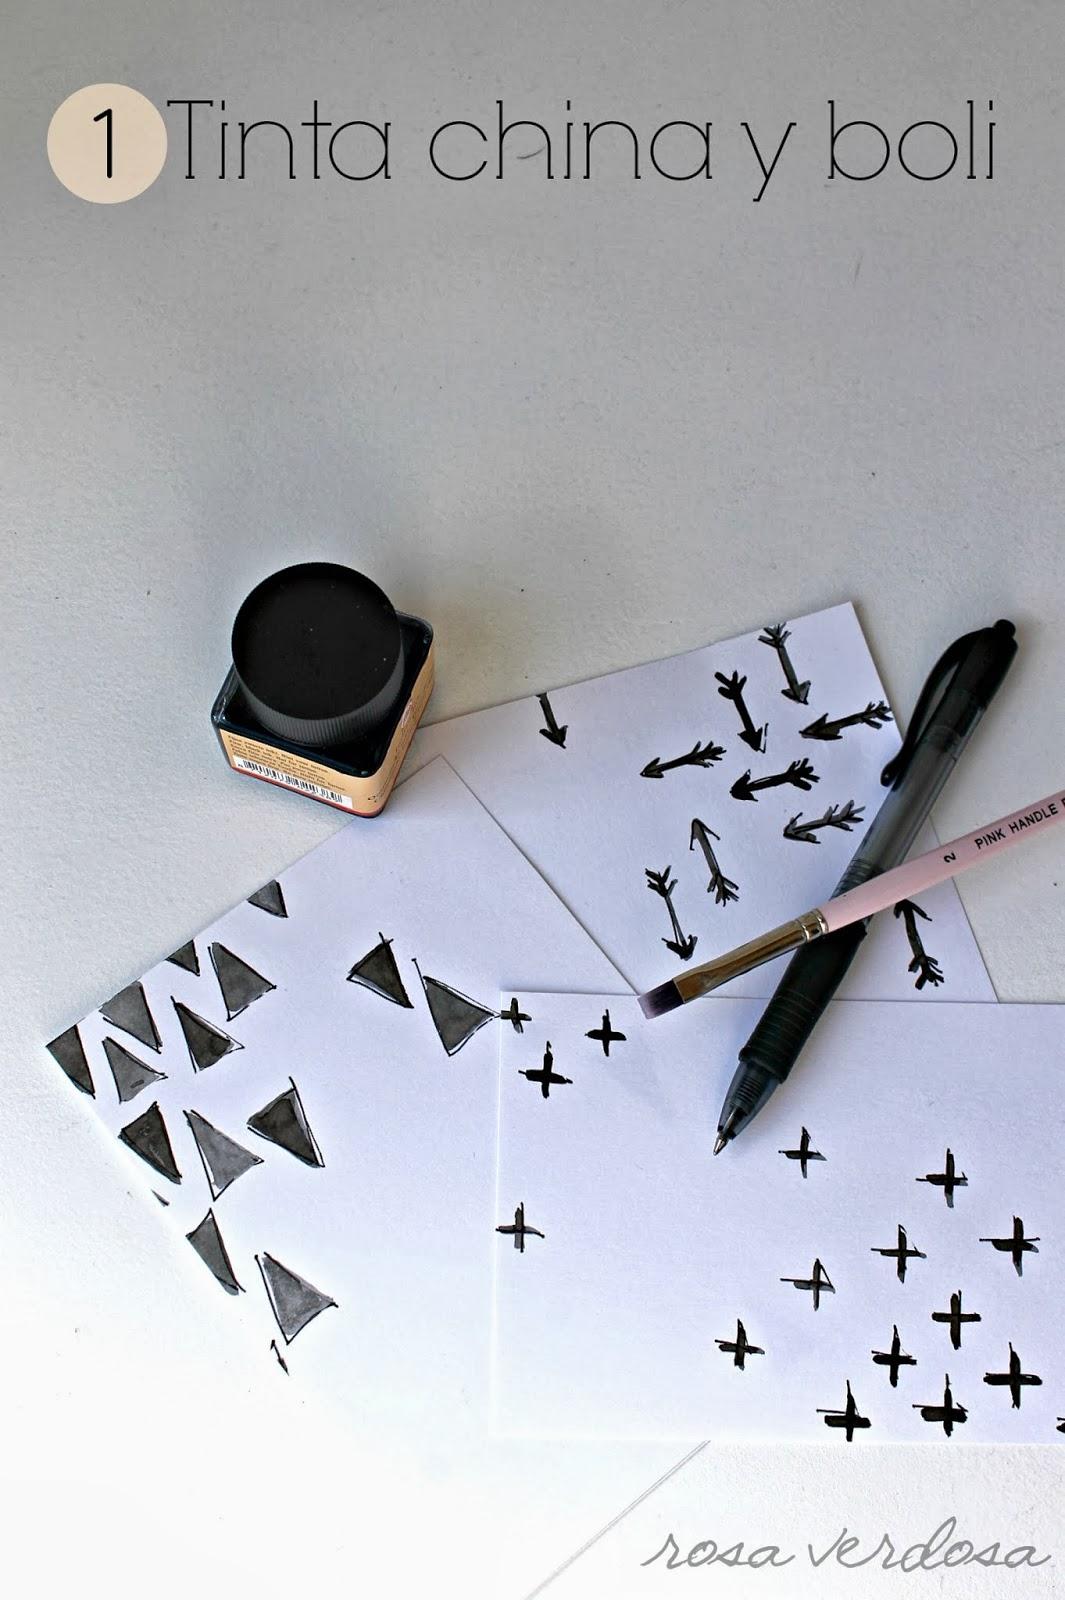 Scrapbook ideas china - La Primera Idea Es Usando Los Pinceles La Tina China Y Los Bolis Personalmente Es La Que M S Me Gusta No Te Asustes Si Los Pinceles Y Las Pinturas No Es